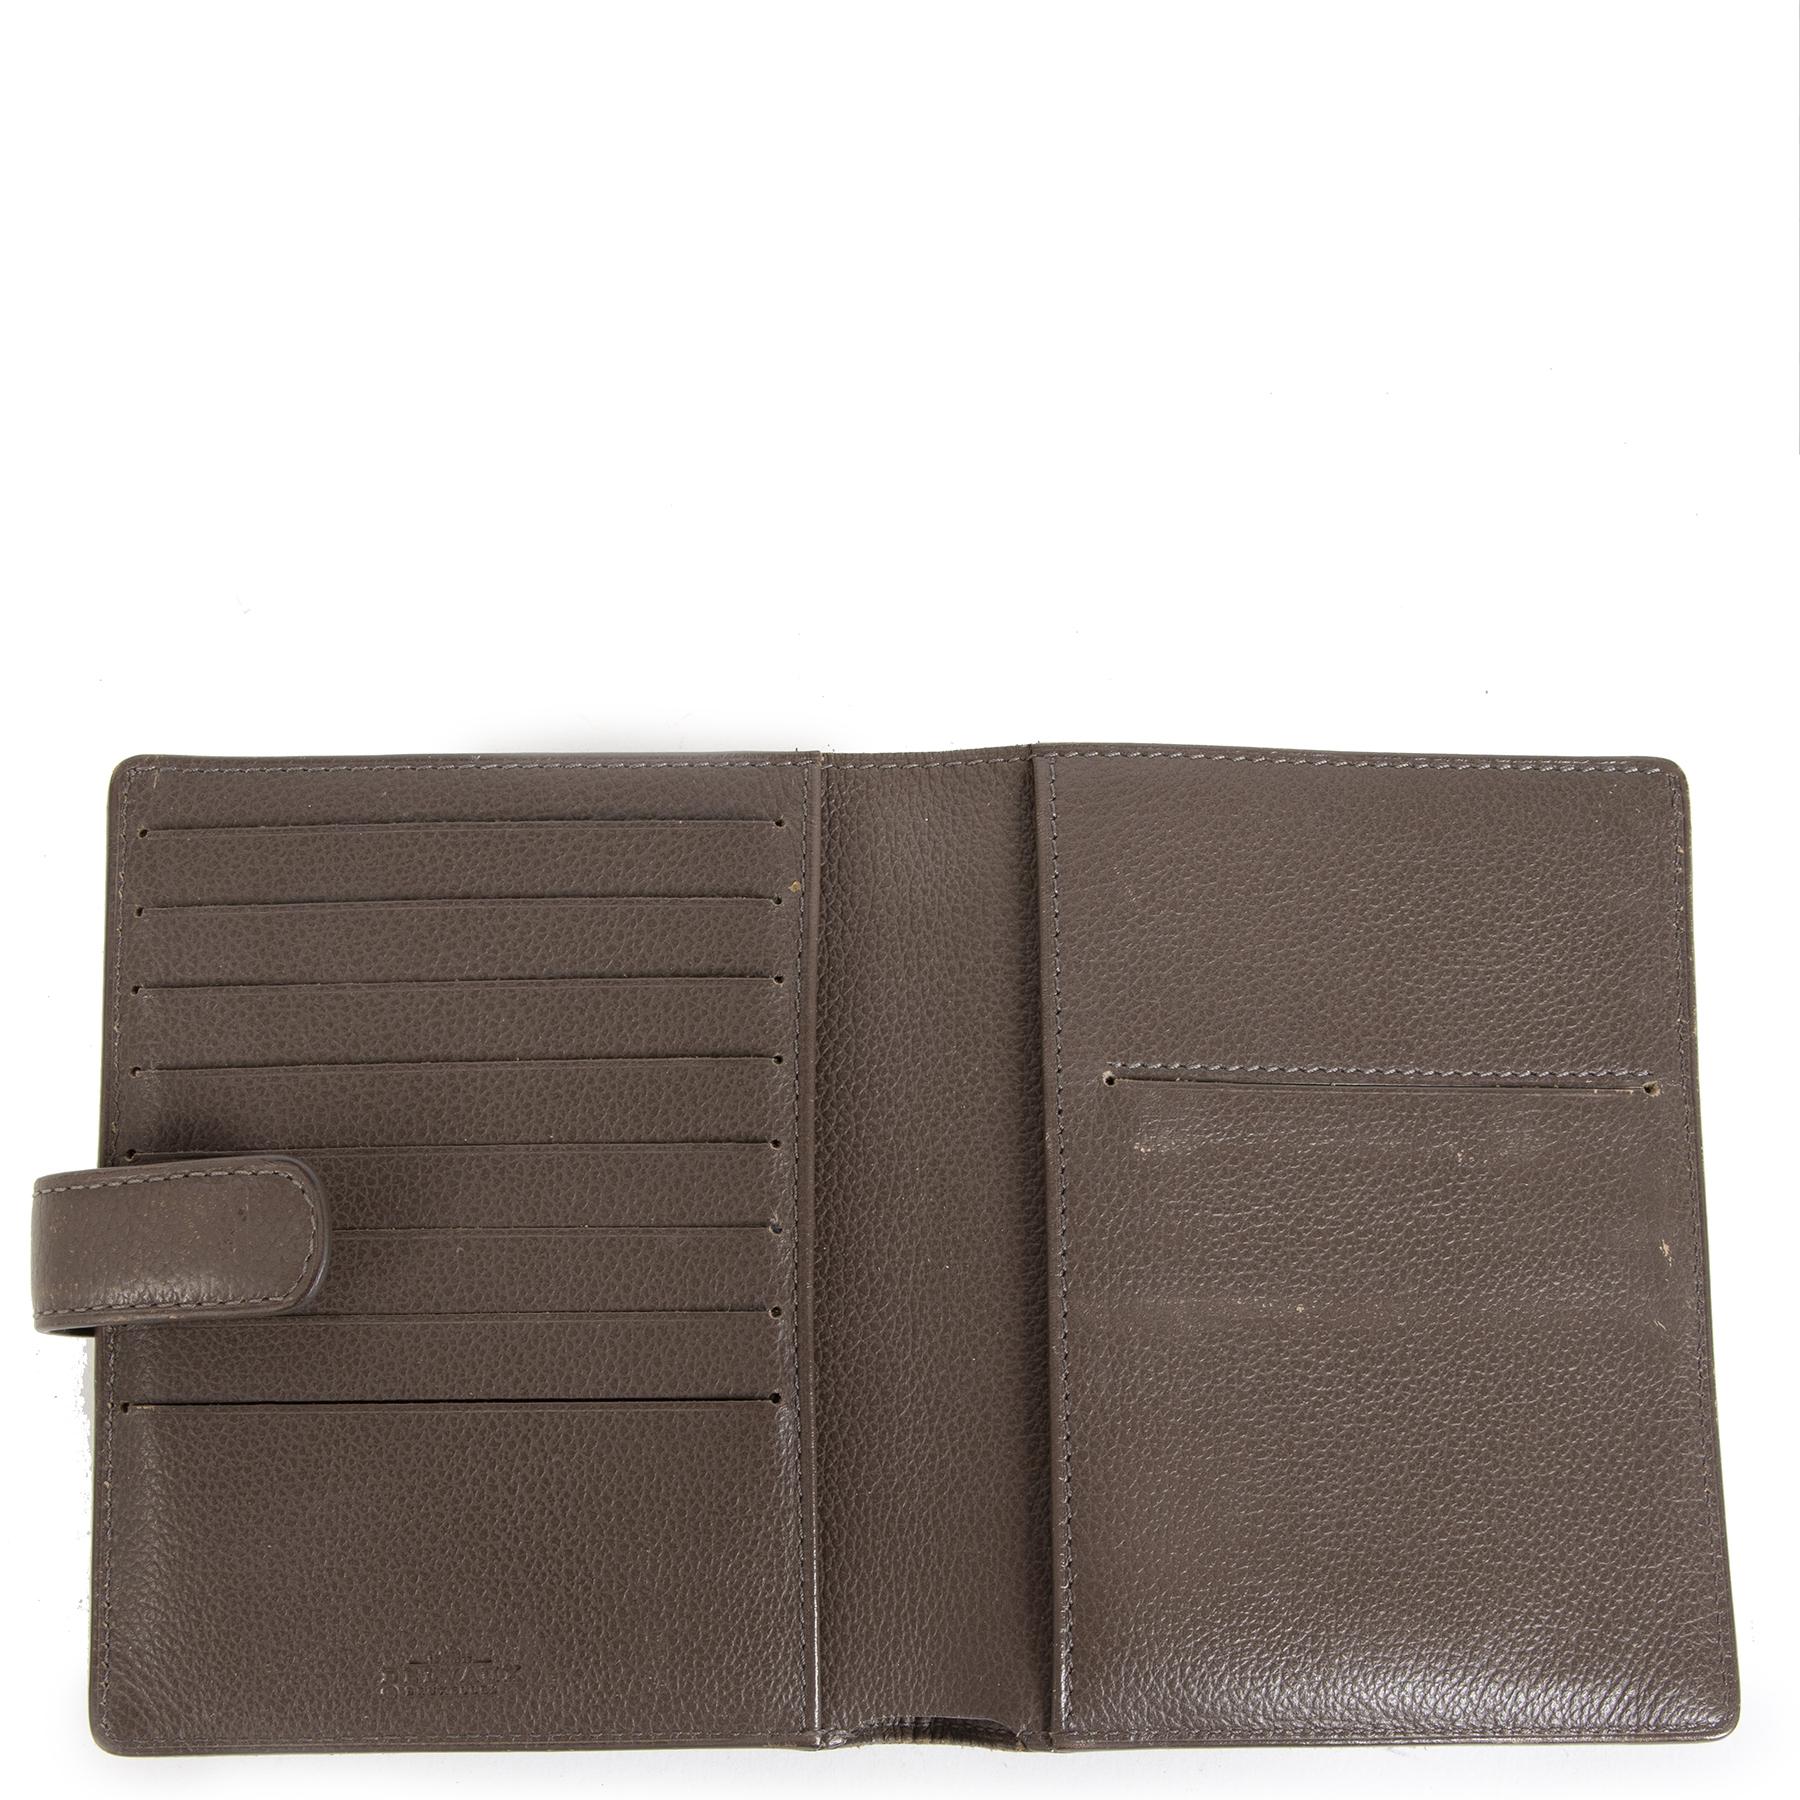 Authentic Delvaux Brillant Brown Leather Wallet d'occasion en toute sécurité boutique en ligne LabelLOV marque de lux LabelLOV Anvers Belgique